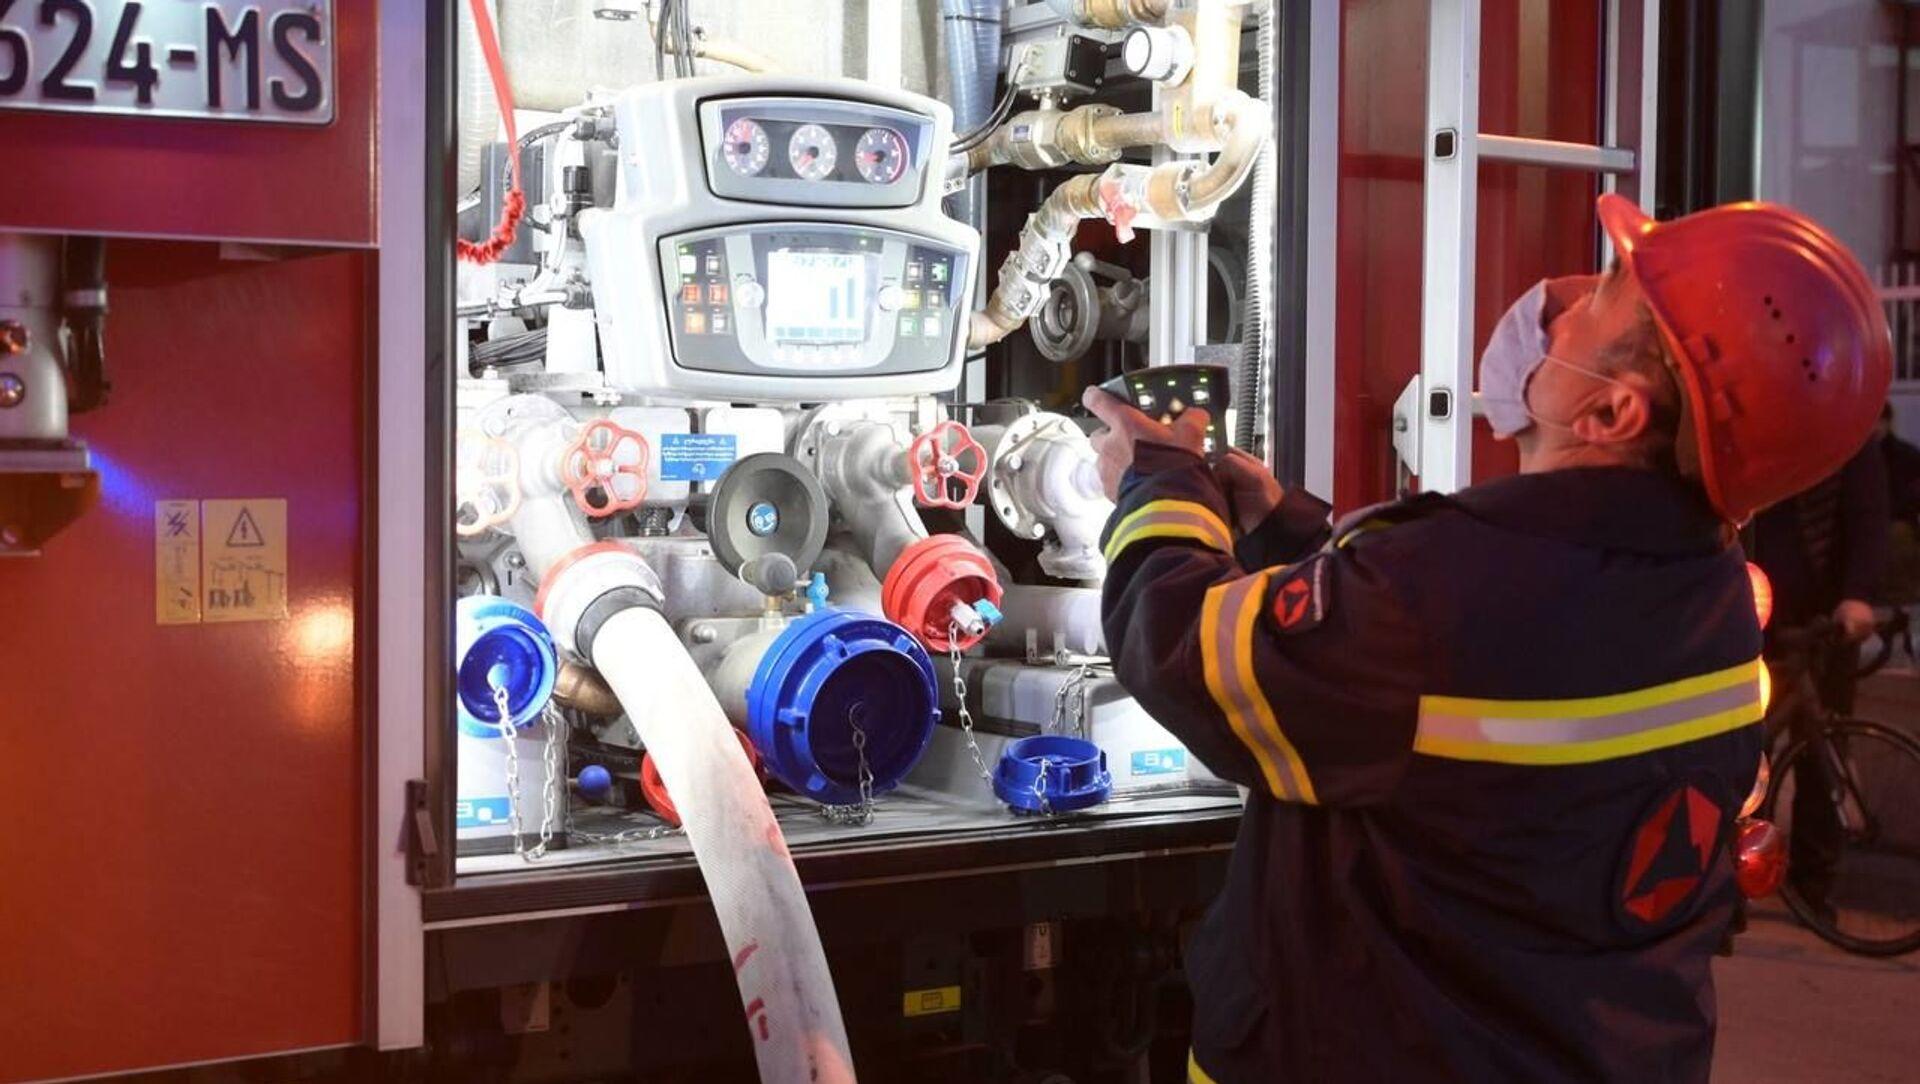 Пожарные спасатели на месте возгорания на рынке Элиава 12 февраля 2021 года - Sputnik Грузия, 1920, 16.04.2021